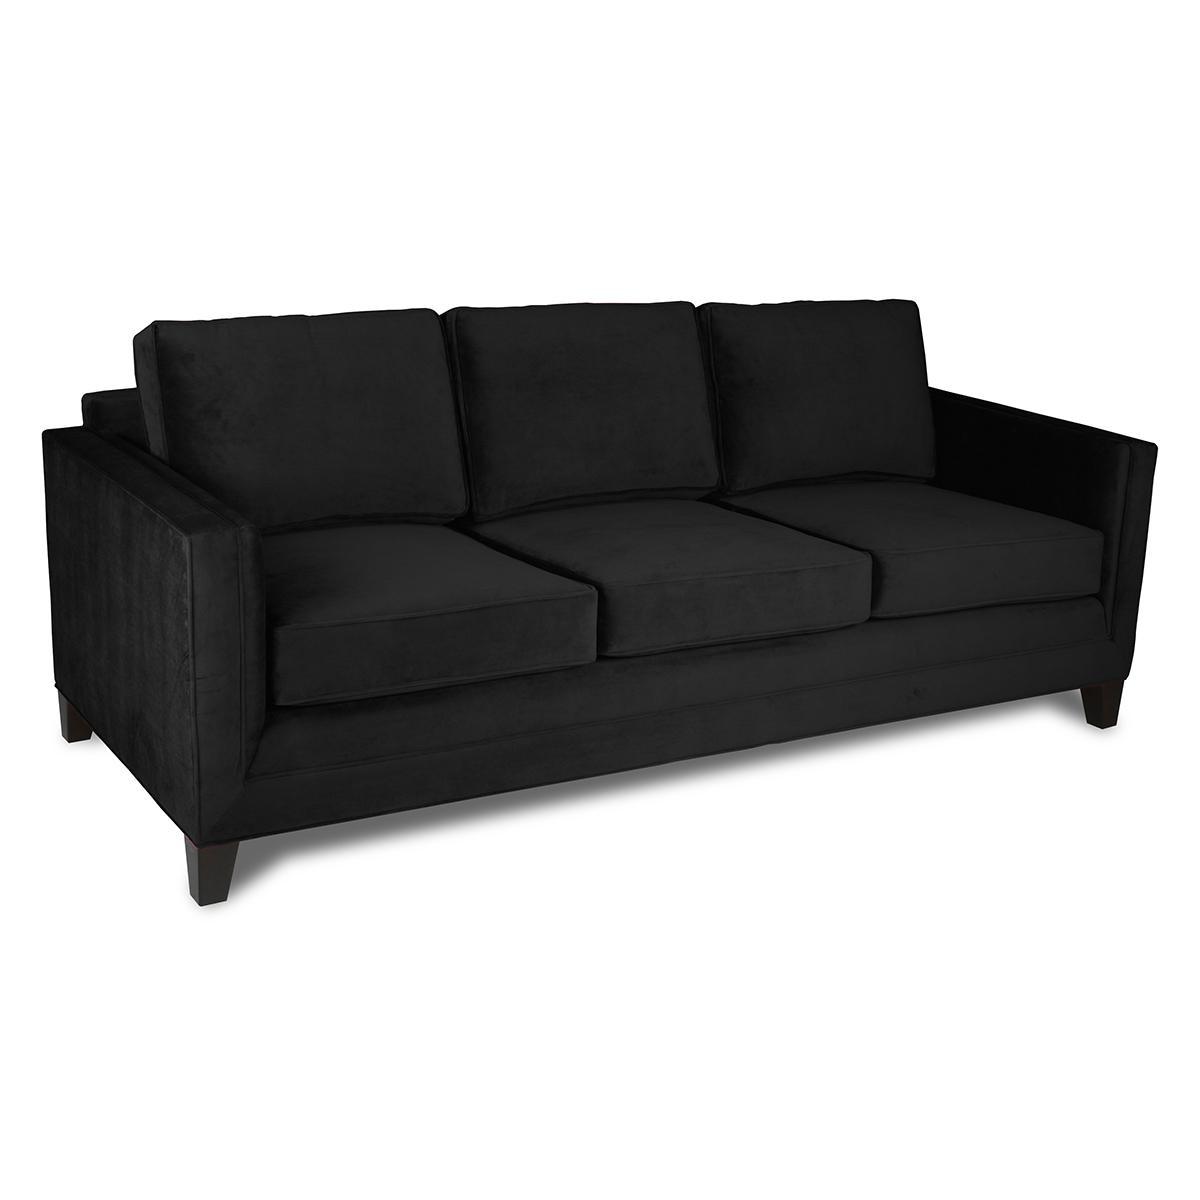 Belfast Velvet Sofa Intended For Black Velvet Sofas (Image 1 of 20)